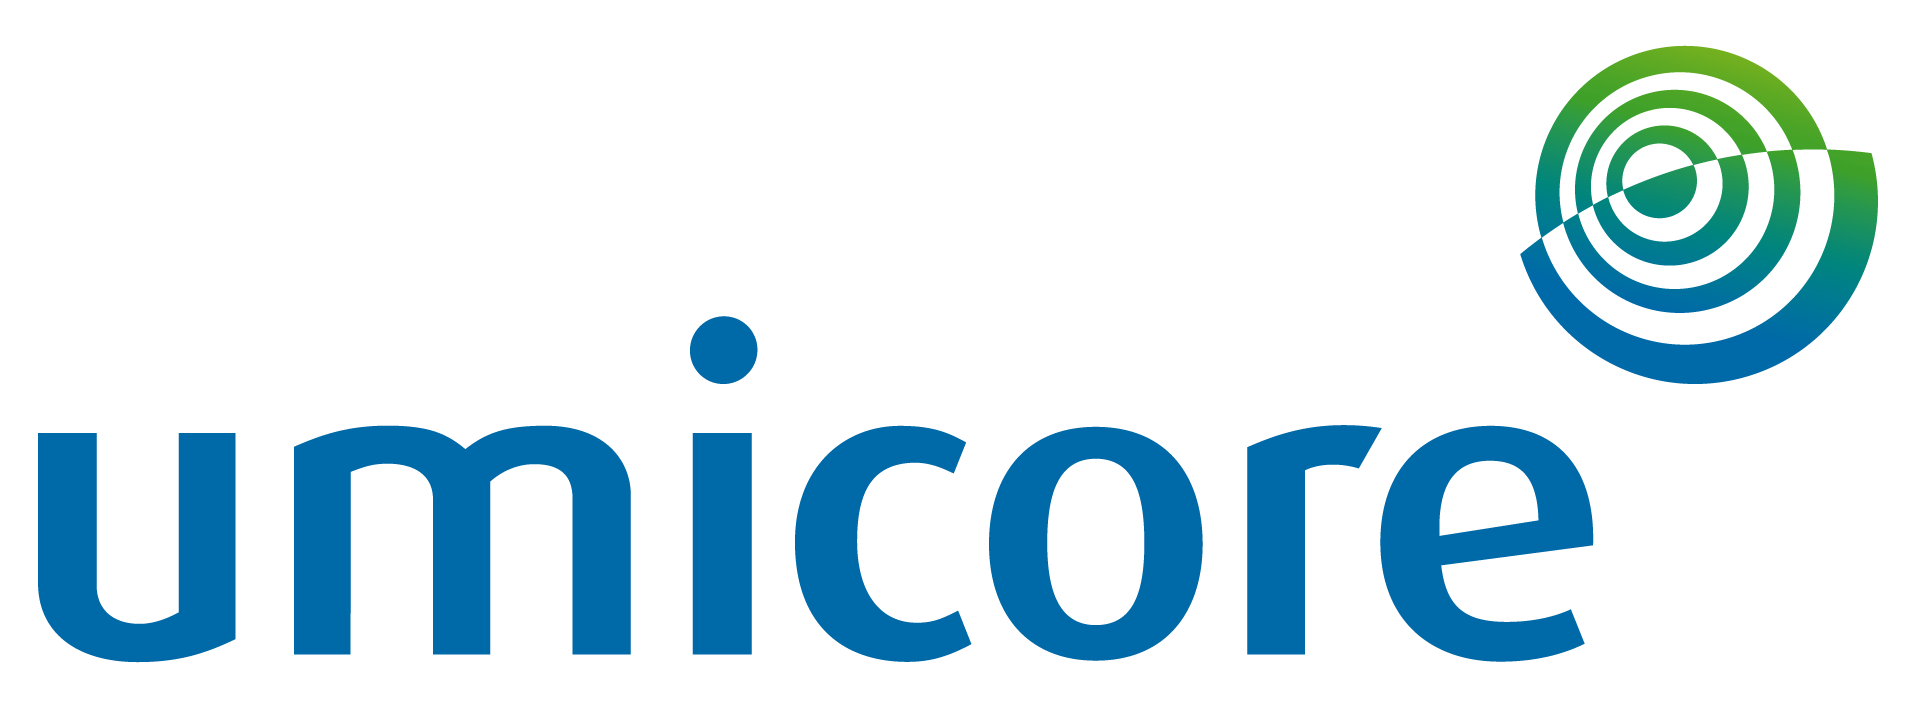 Umicore Ammonia Slip Catalyst Asc Cobalt Fuel Filter Zero Emissions Logo